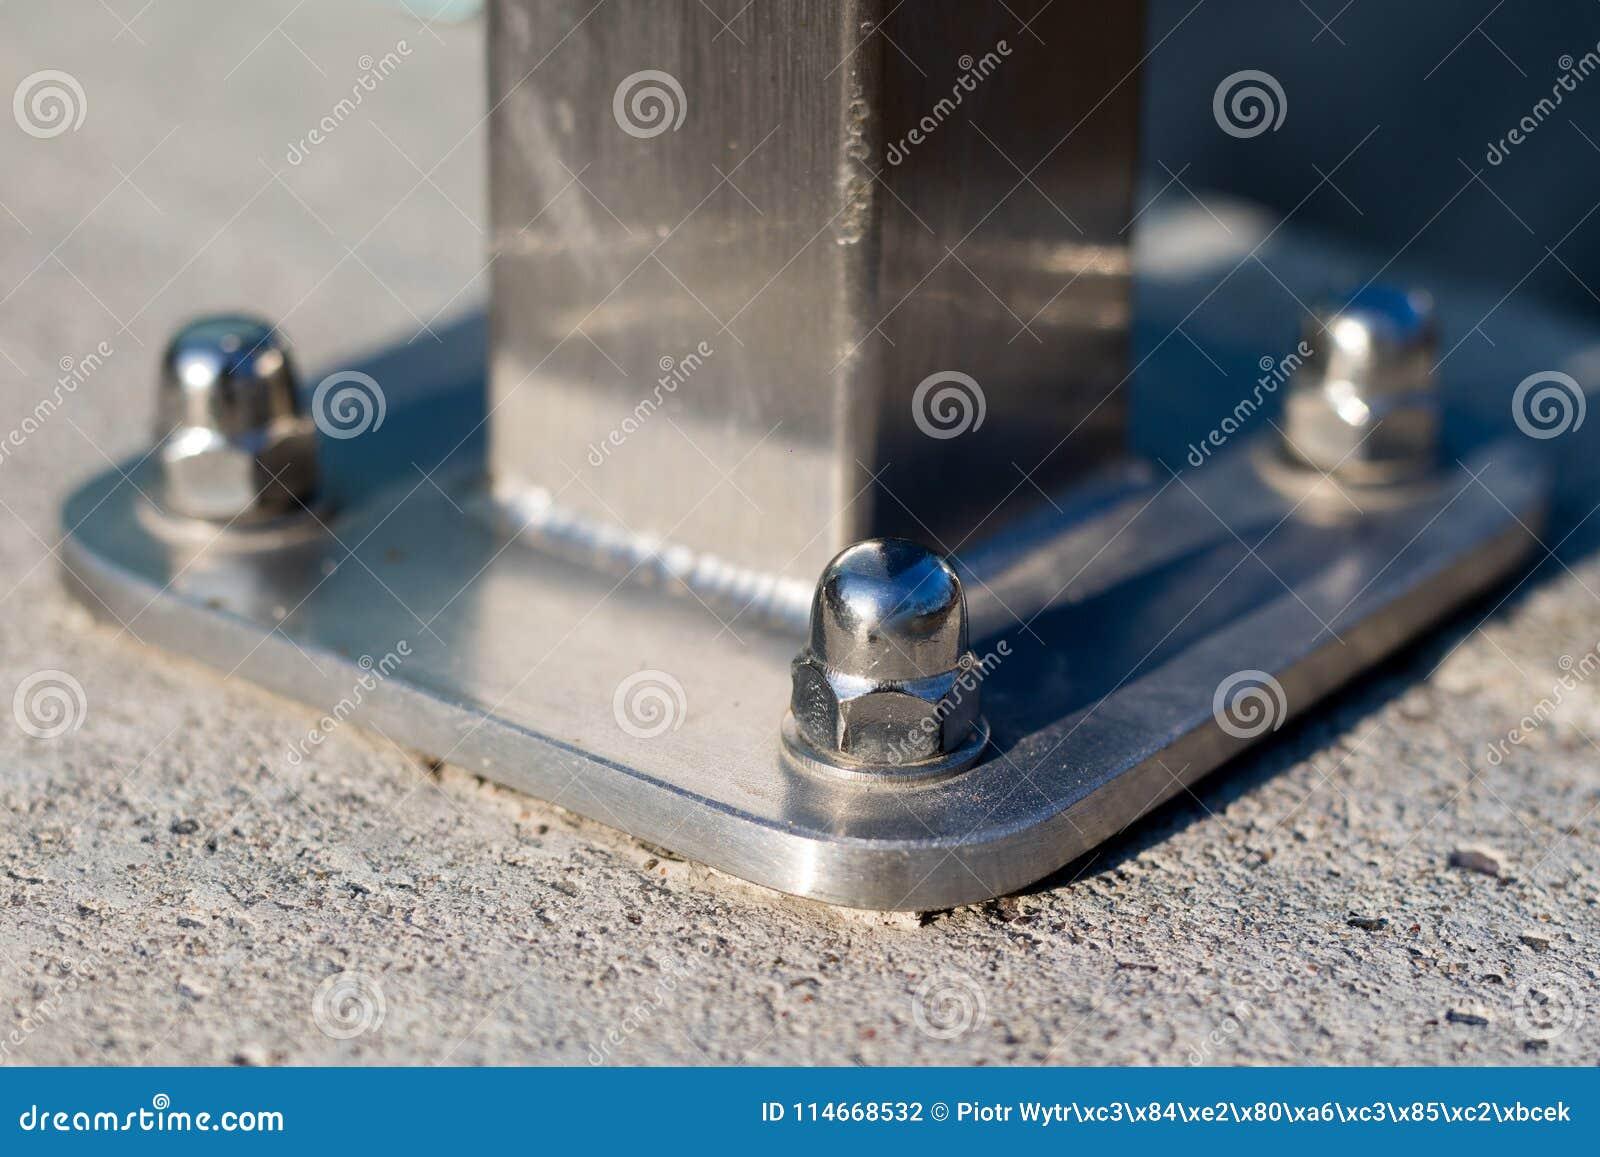 Καρύδι και πλυντήριο που συνδέονται με τη δομή χάλυβα Καθορισμός του χάλυβα